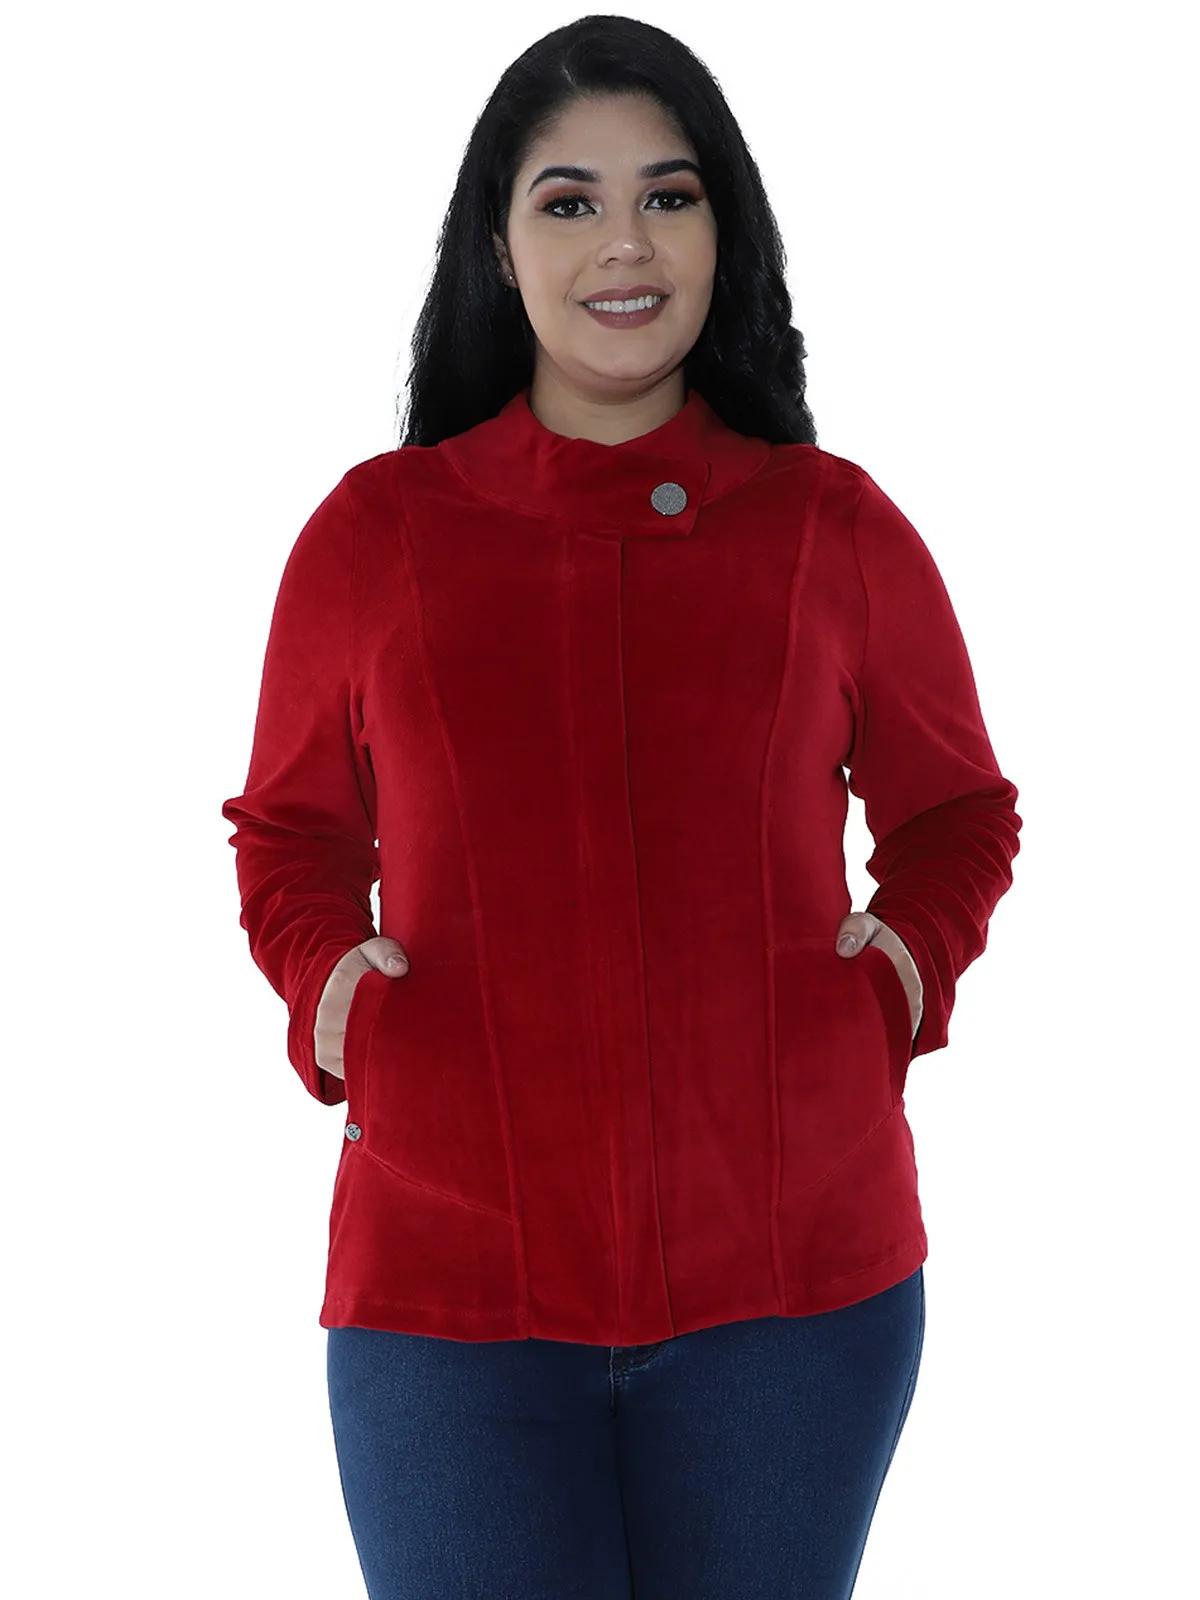 Casaco Plus Size De Plush Feminino Gola Diferenciada Vermelho